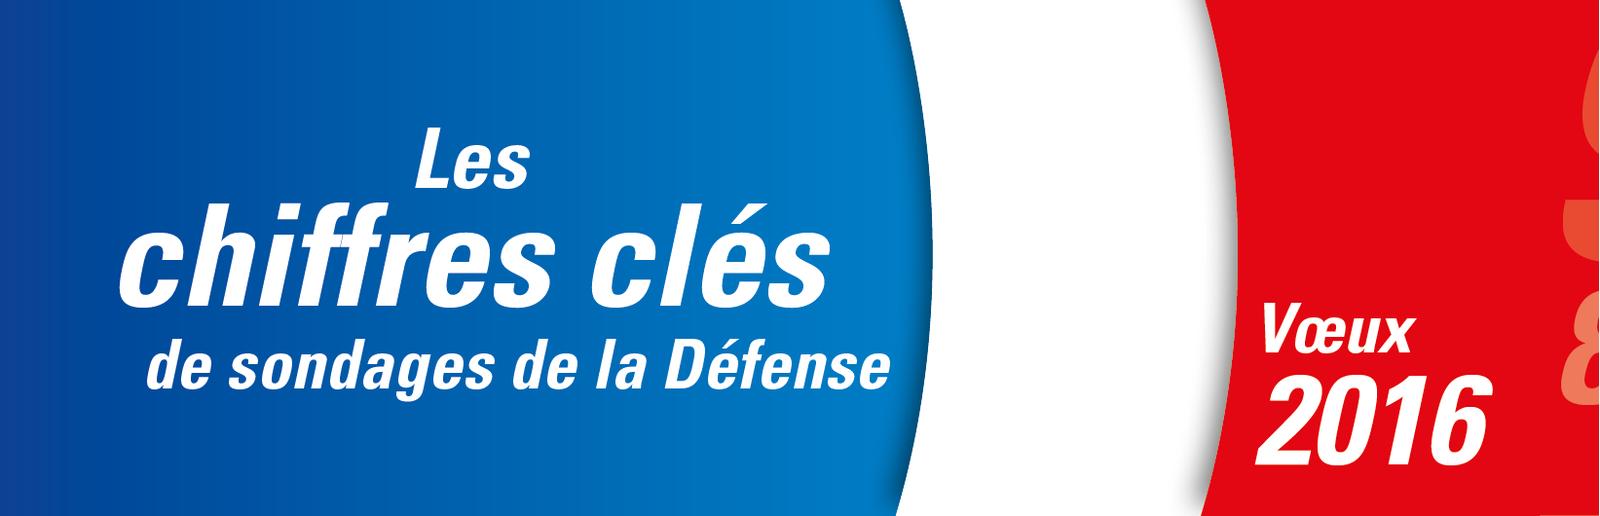 Les chiffres clés des sondages de la Défense 2015